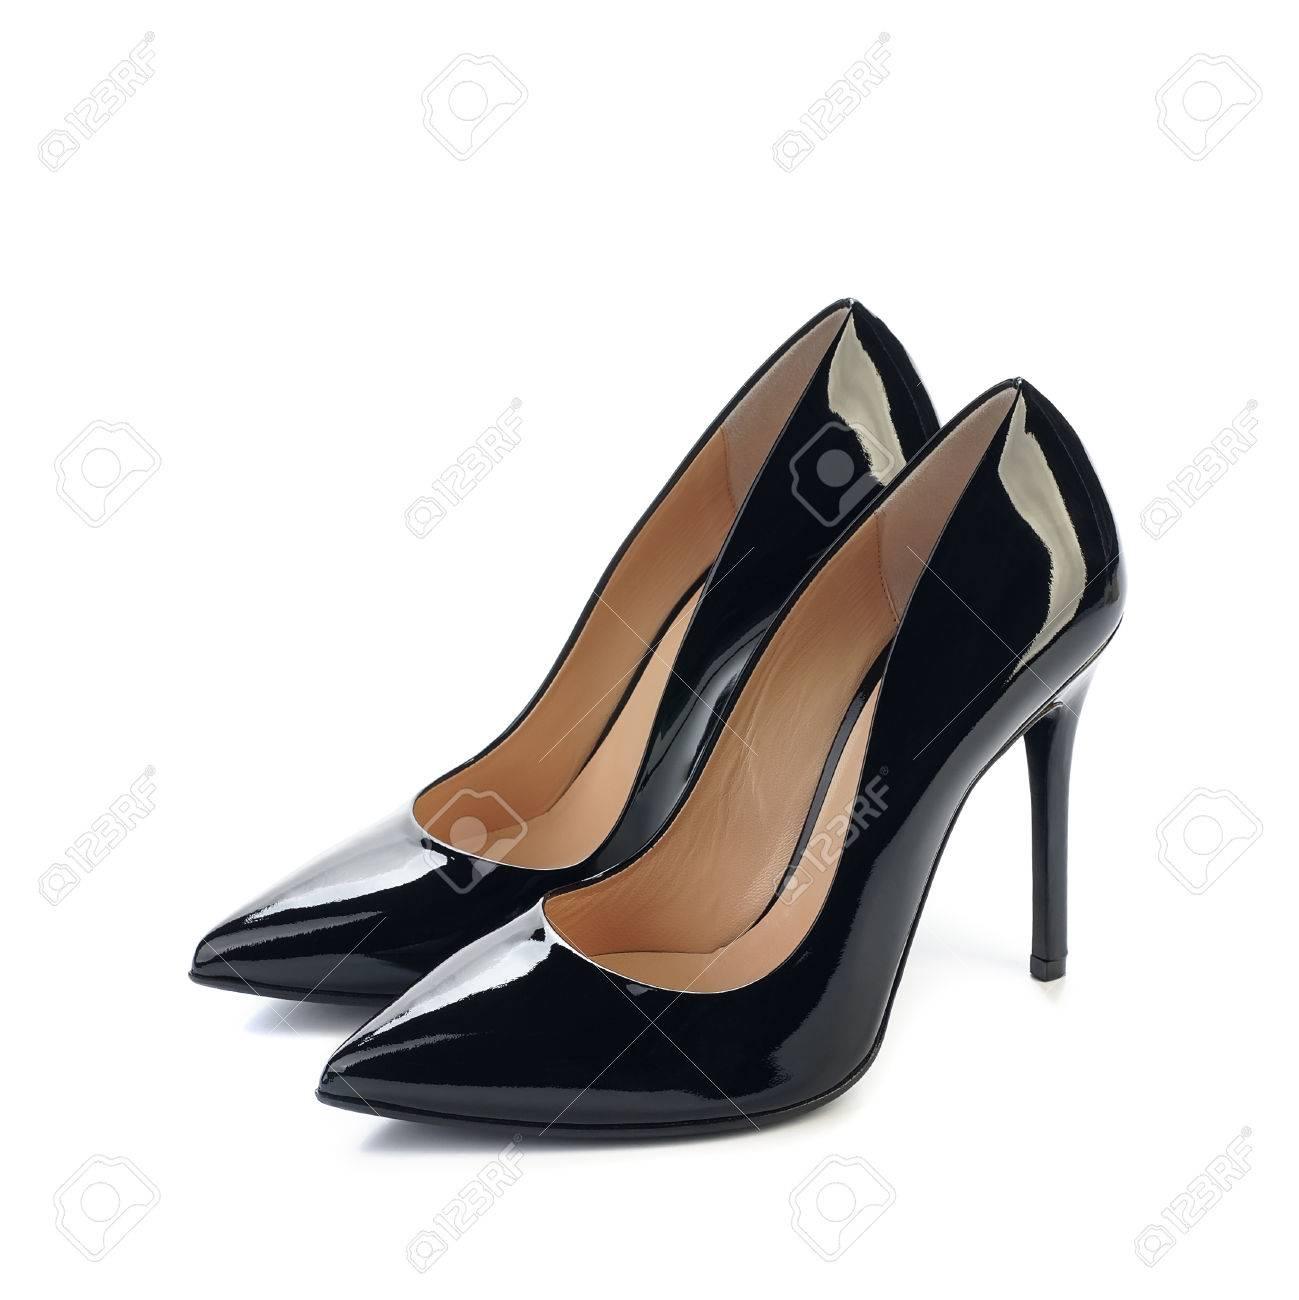 Chaussure Femme Noire à Talons Hauts Isolée Sur Fond Blanc